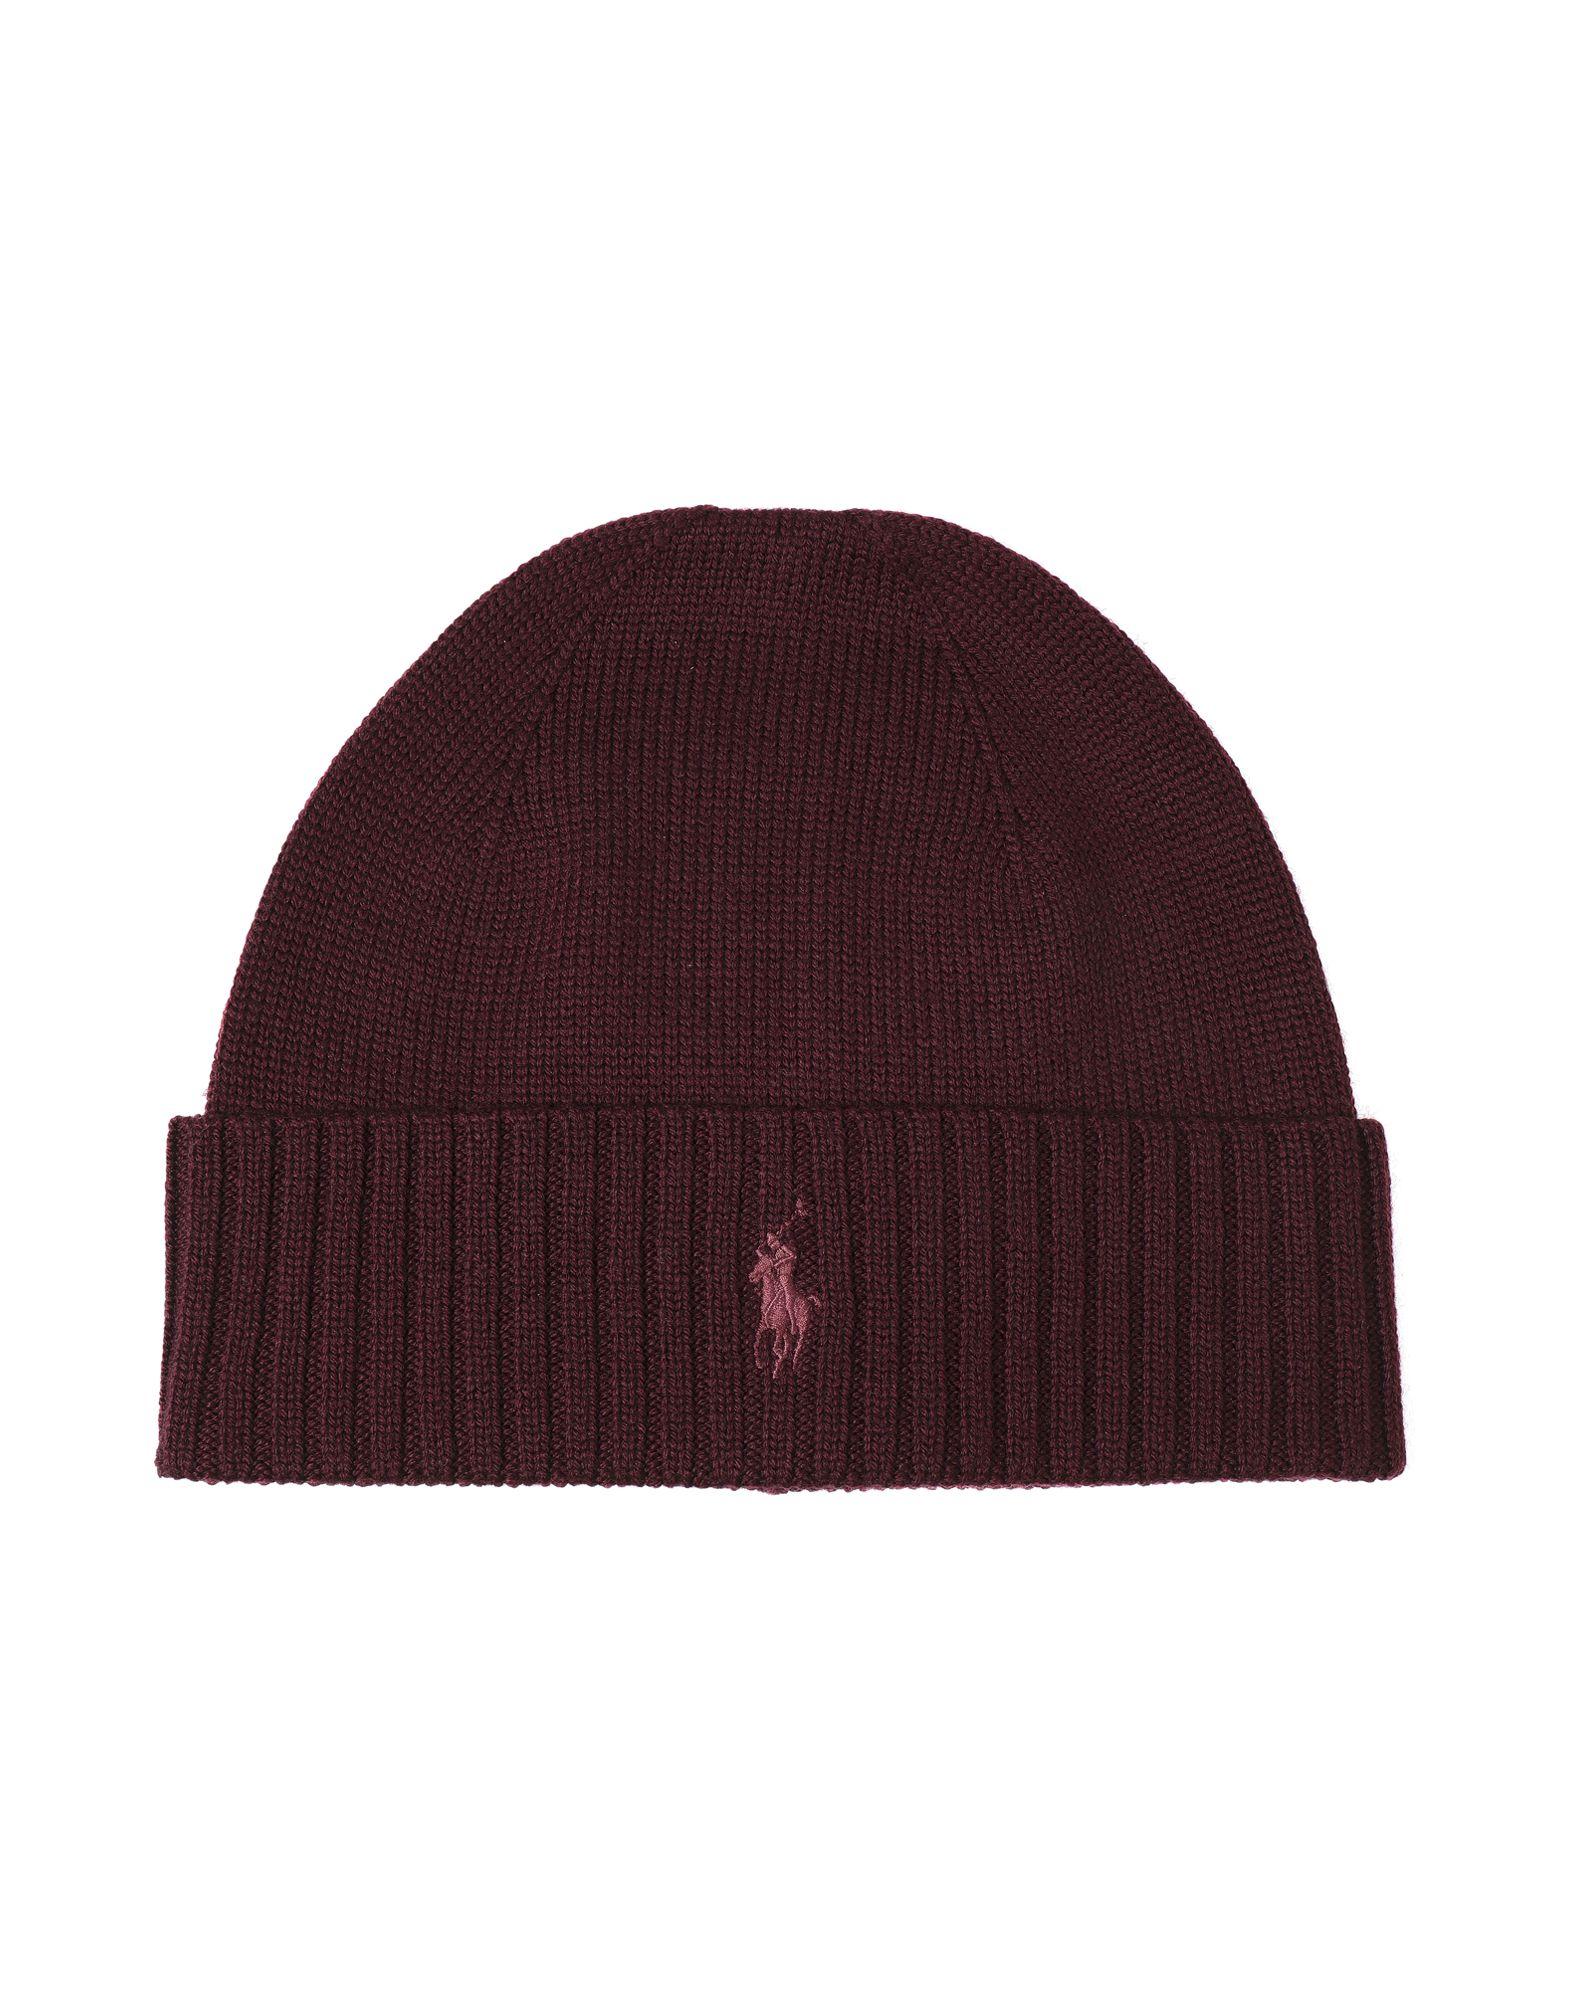 496de7f634c1c Polo Ralph Lauren Merino Wool-Hat - Hat - Men Polo Ralph Lauren Hats ...